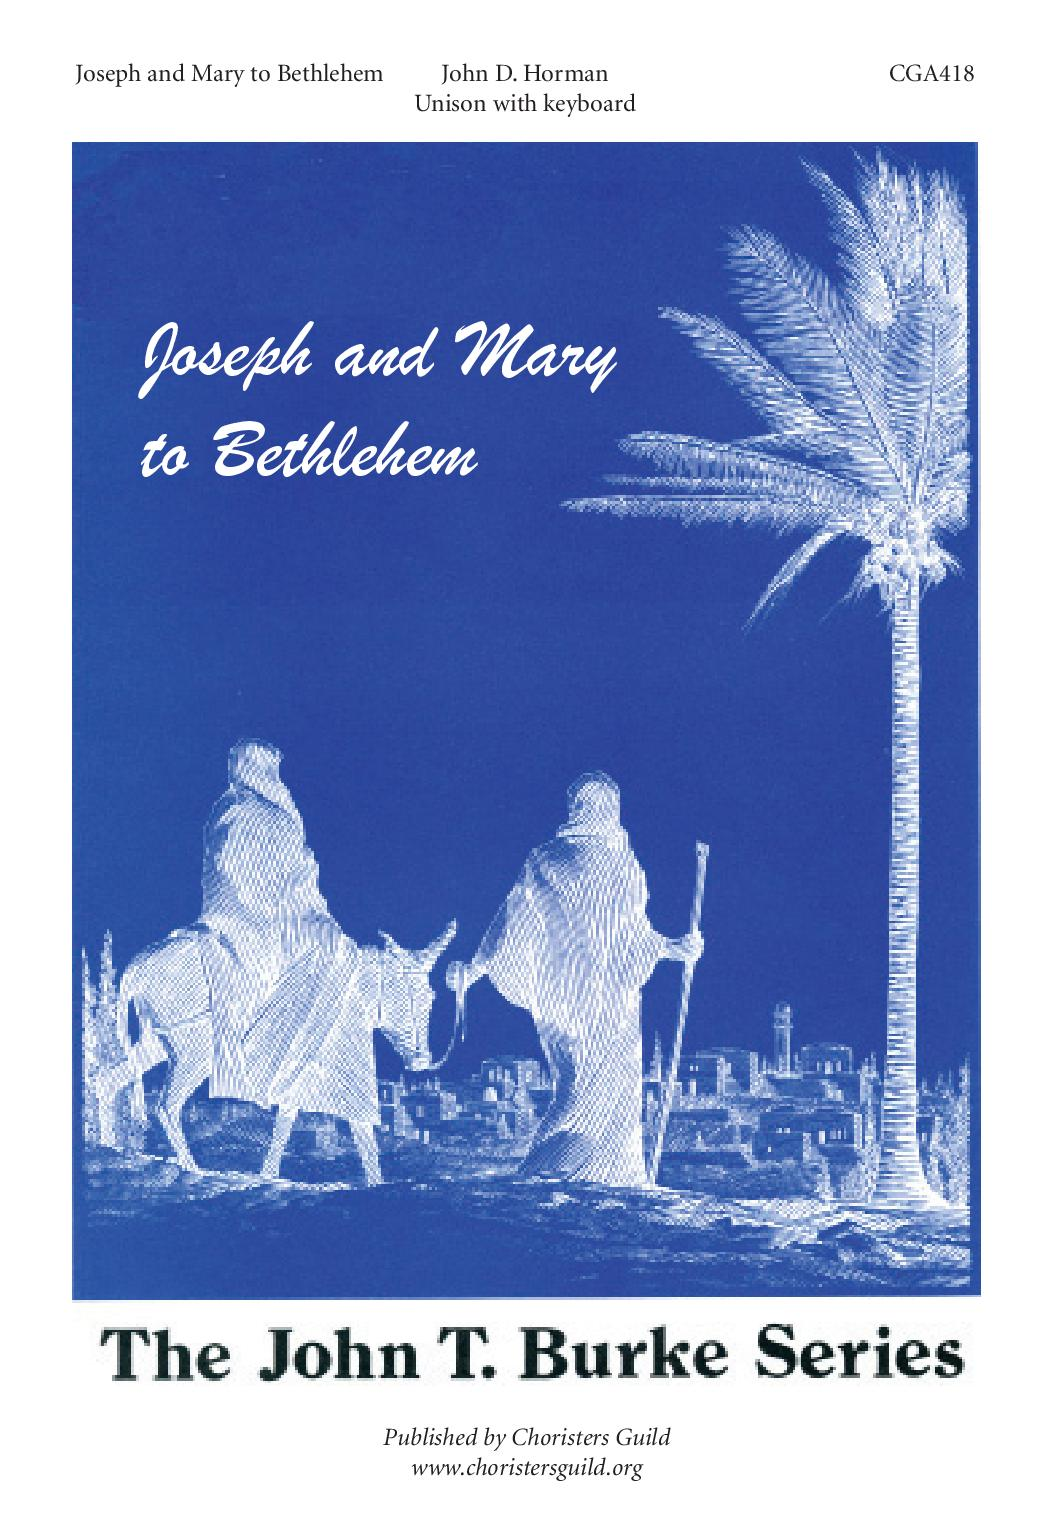 Joseph and Mary to Bethlehem